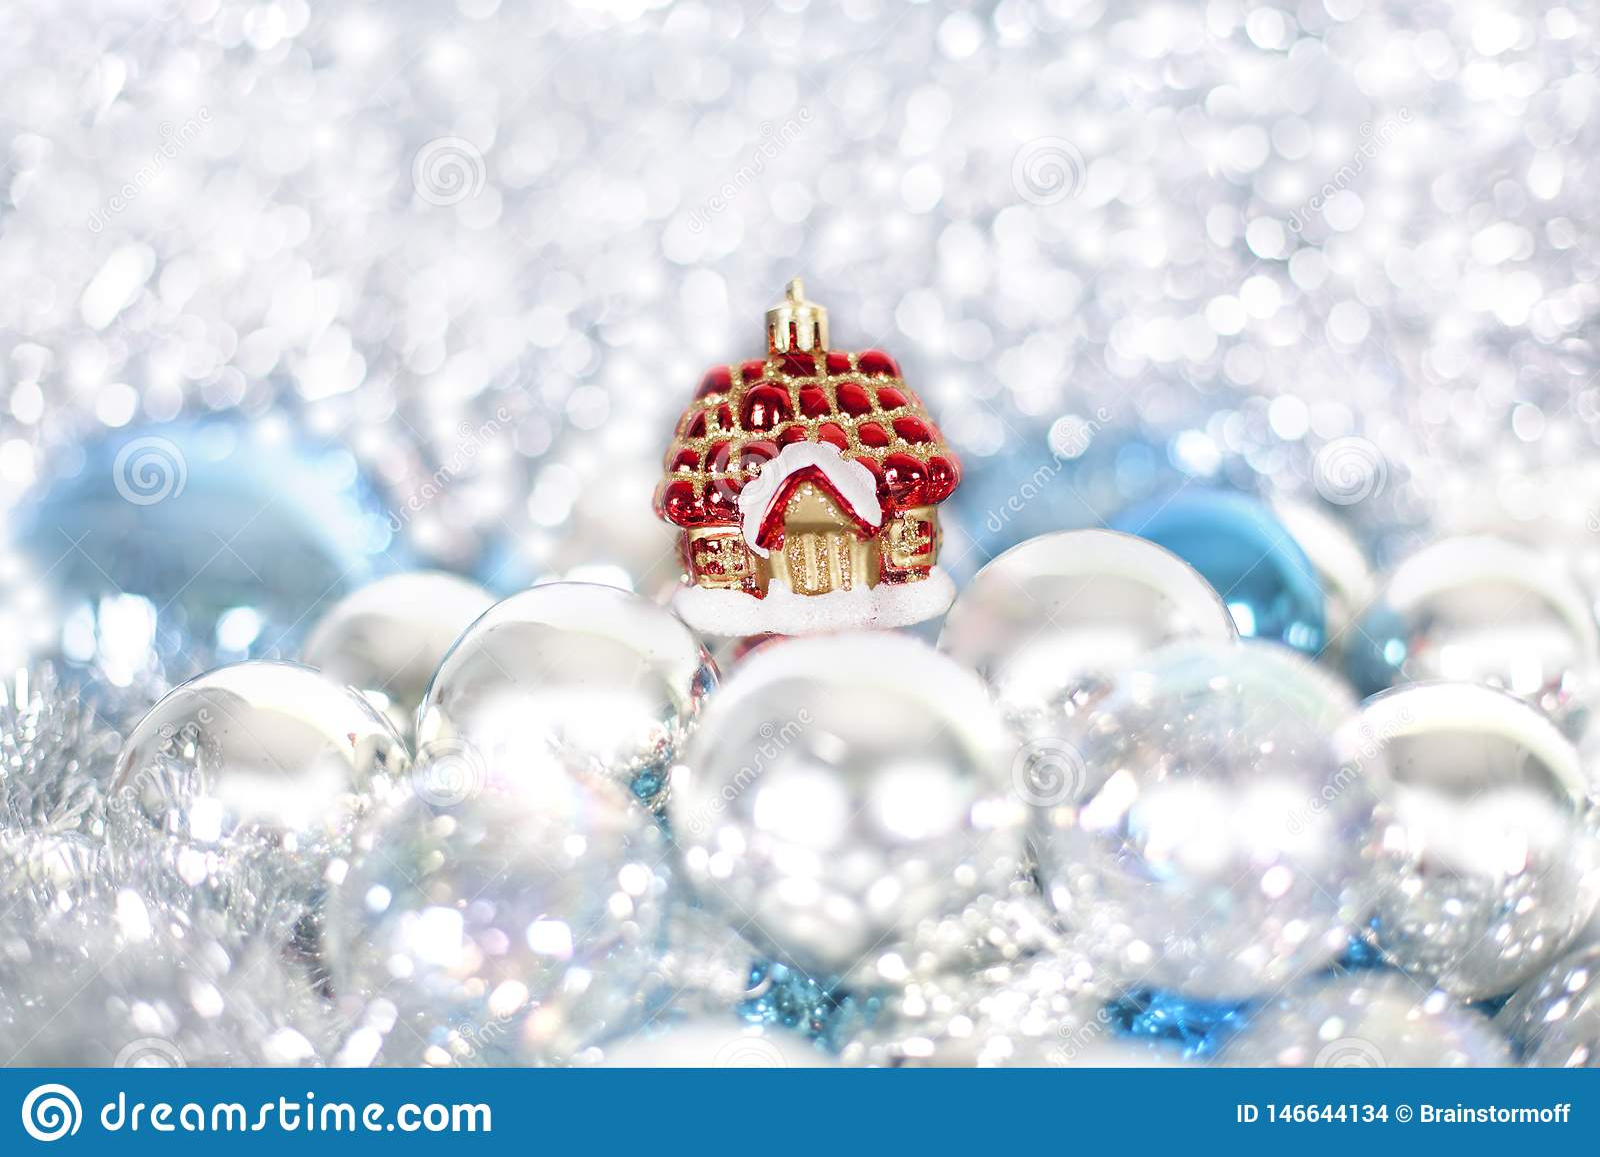 Дом сказки игрушки рождества и Нового Года красный в сугробах и снеге шариков рождества и сусаль в голубых и белых цветах